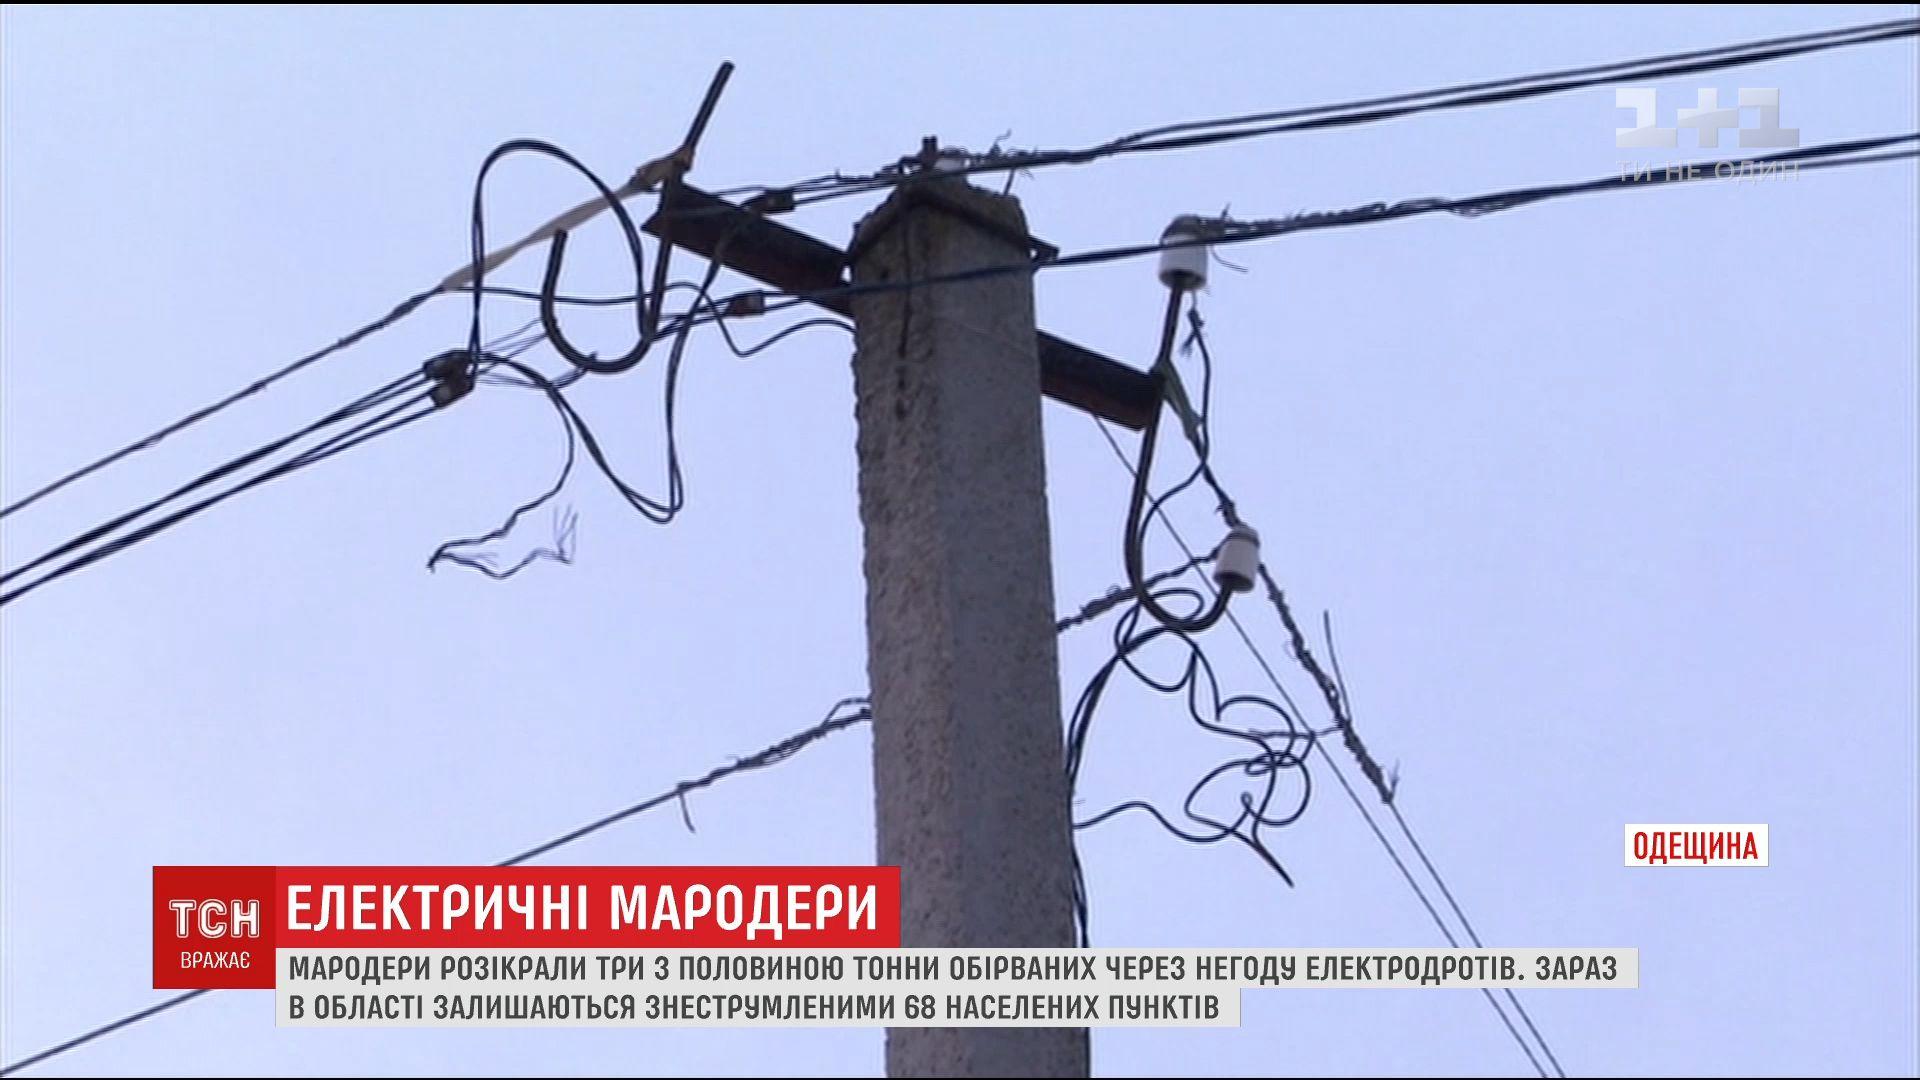 В Одесской области мародеры растащили электропровода, которые оборвались во время непогоды /